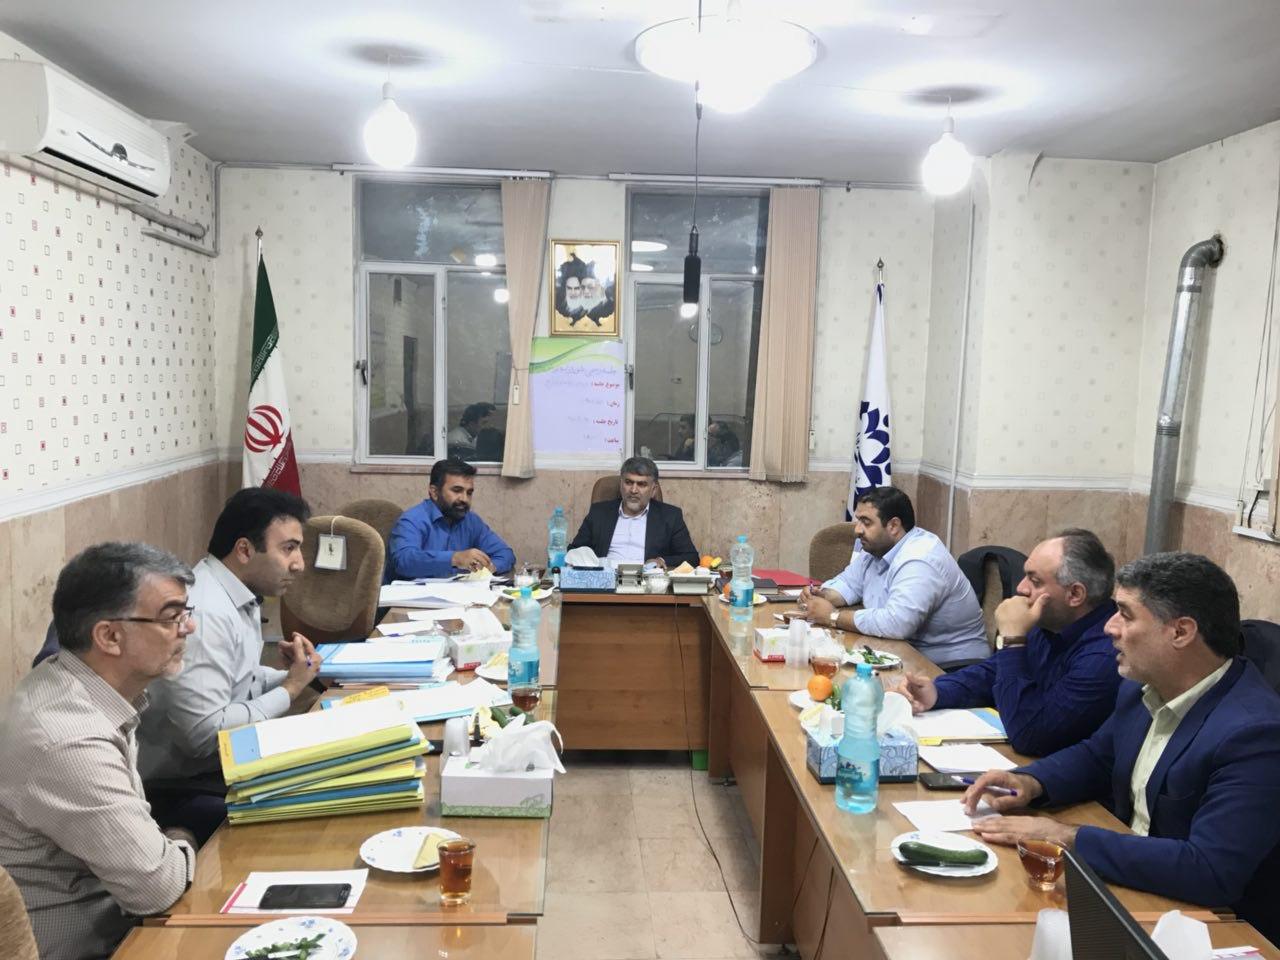 شورای اسلامی شهر ورامین: شهرداری باید خدمات رسانی بهتری به مساجد در ماه مبارک رمضان داشته باشد